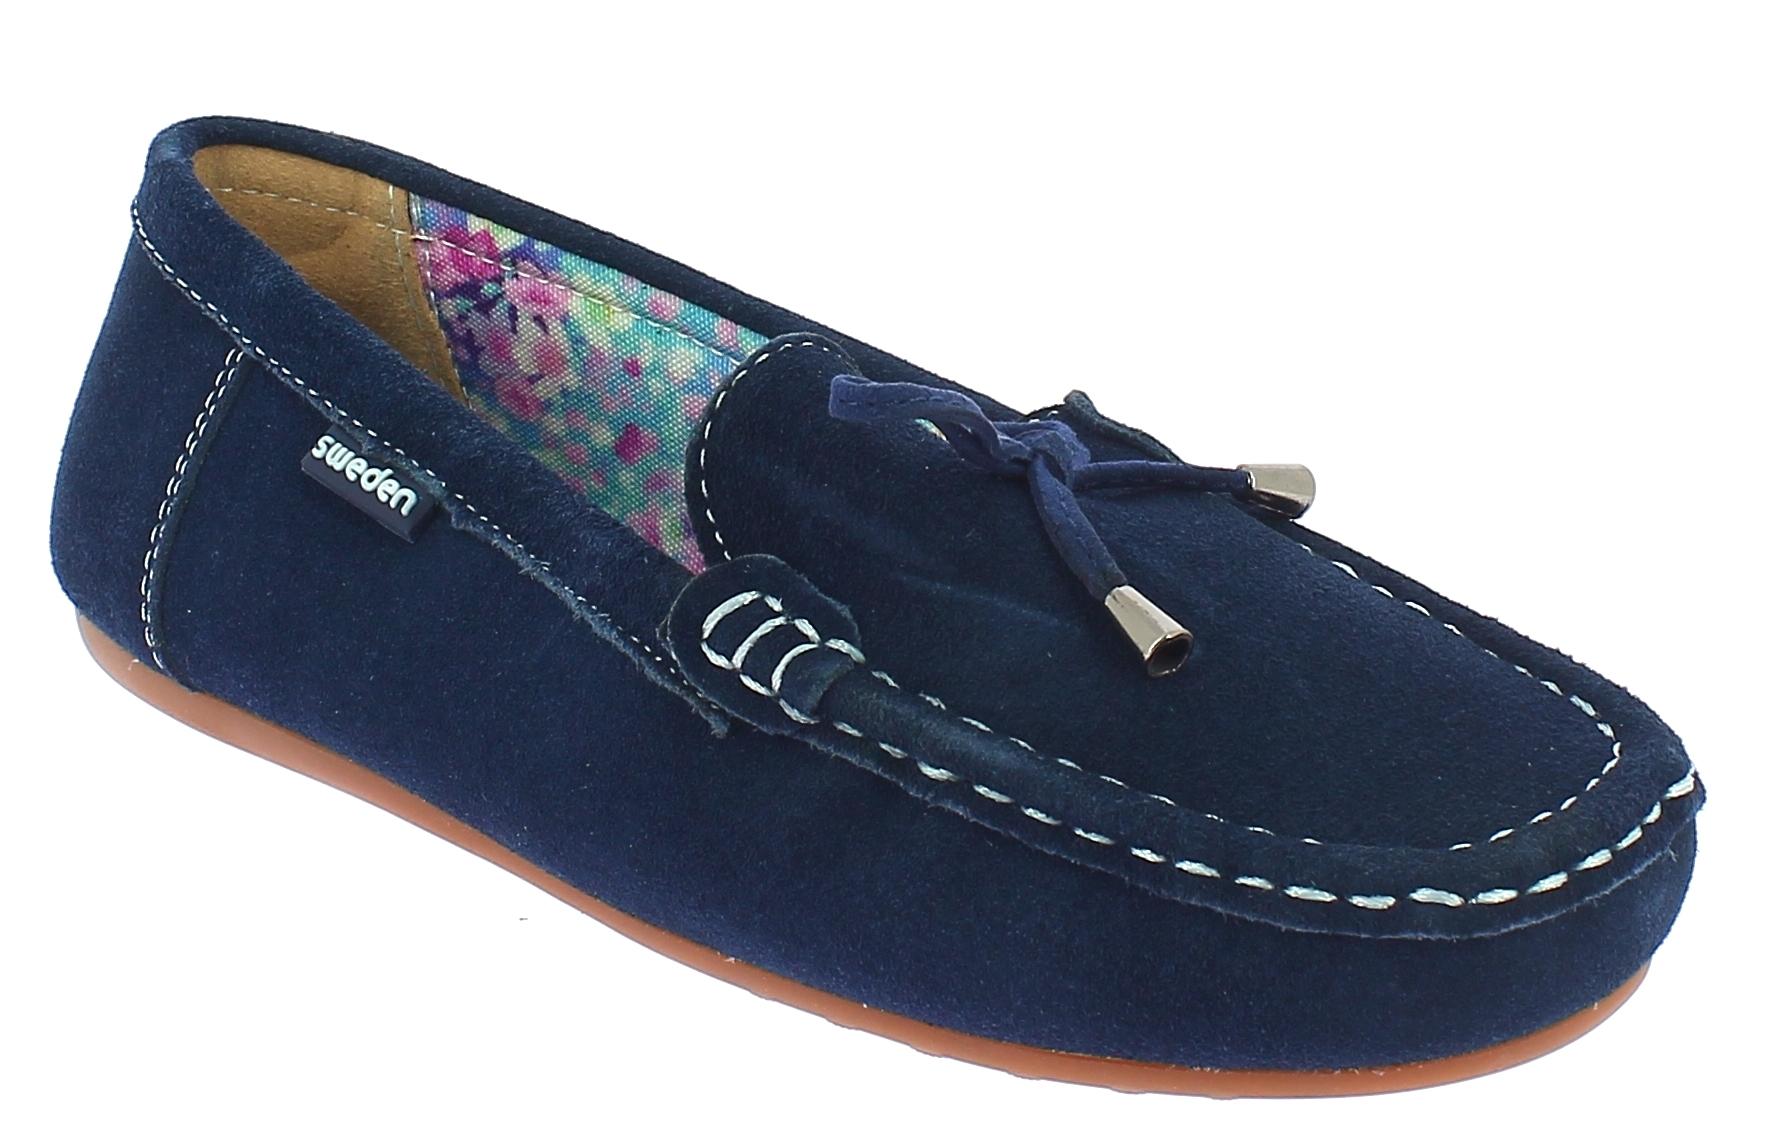 SWEDEN KLE Γυναικείο Casual 564050 Μπλε - IqShoes - 564050 MARINO-SWEDEN KLE-blu παπούτσια  new in